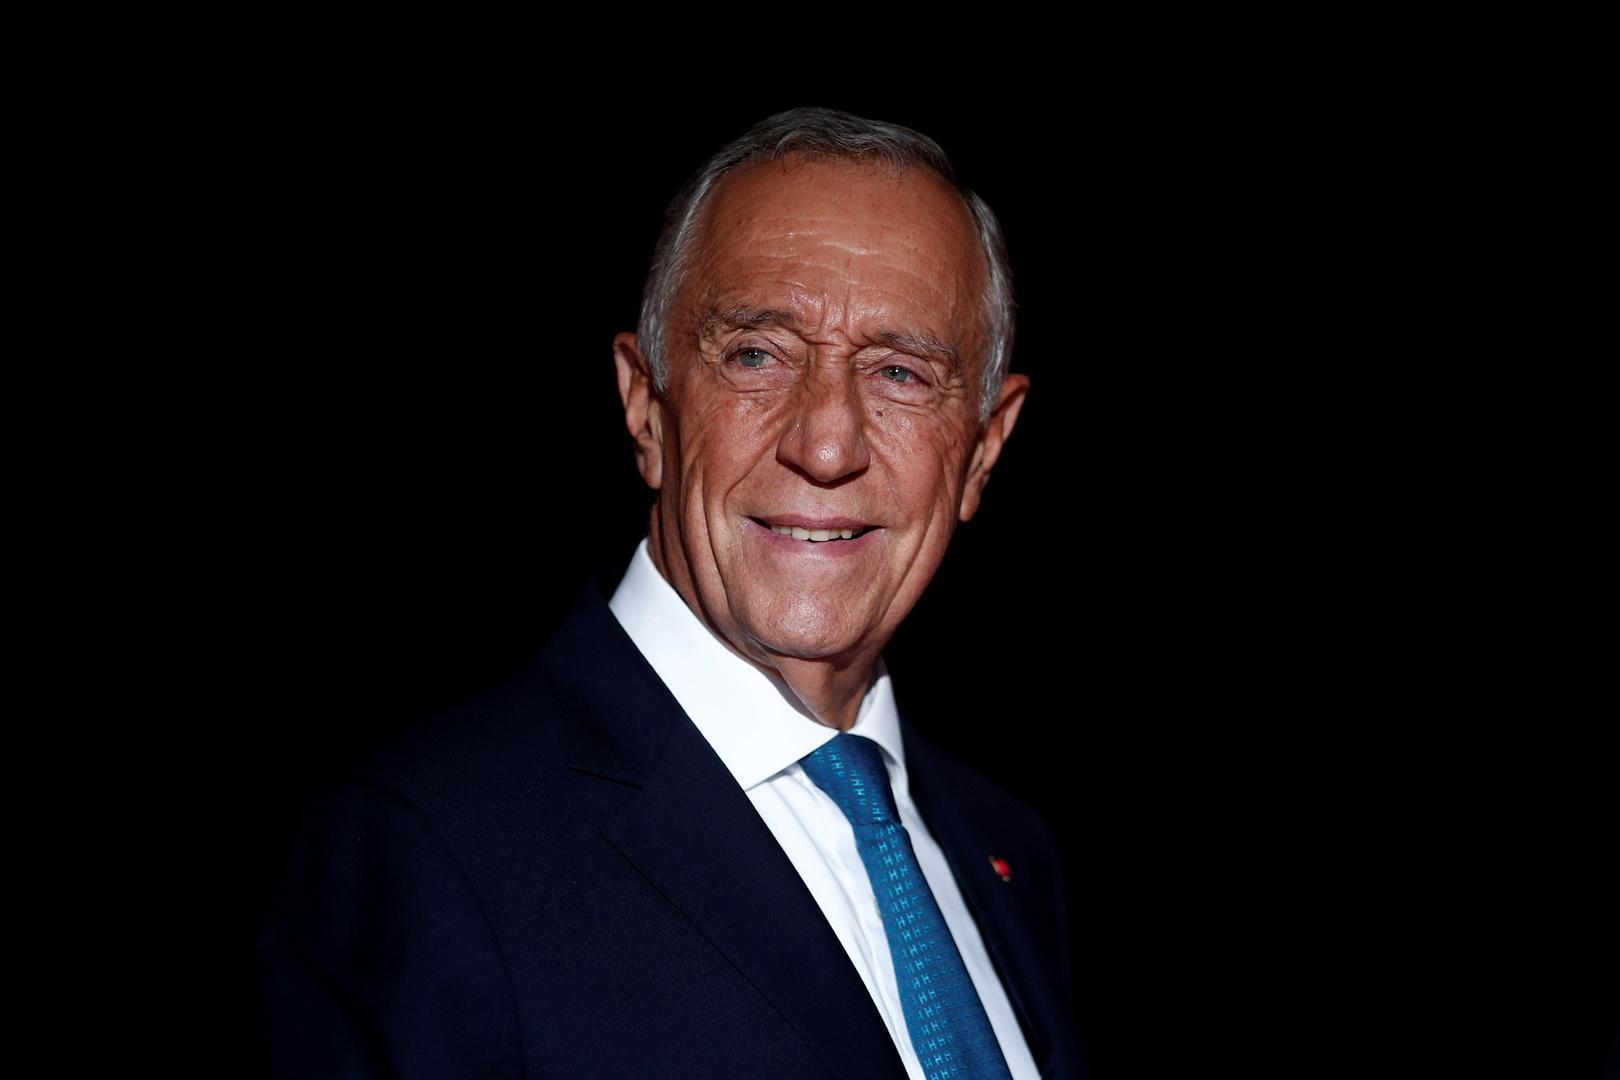 رئيس البرتغال، مارسيلو ريبيلو دي سوزا.